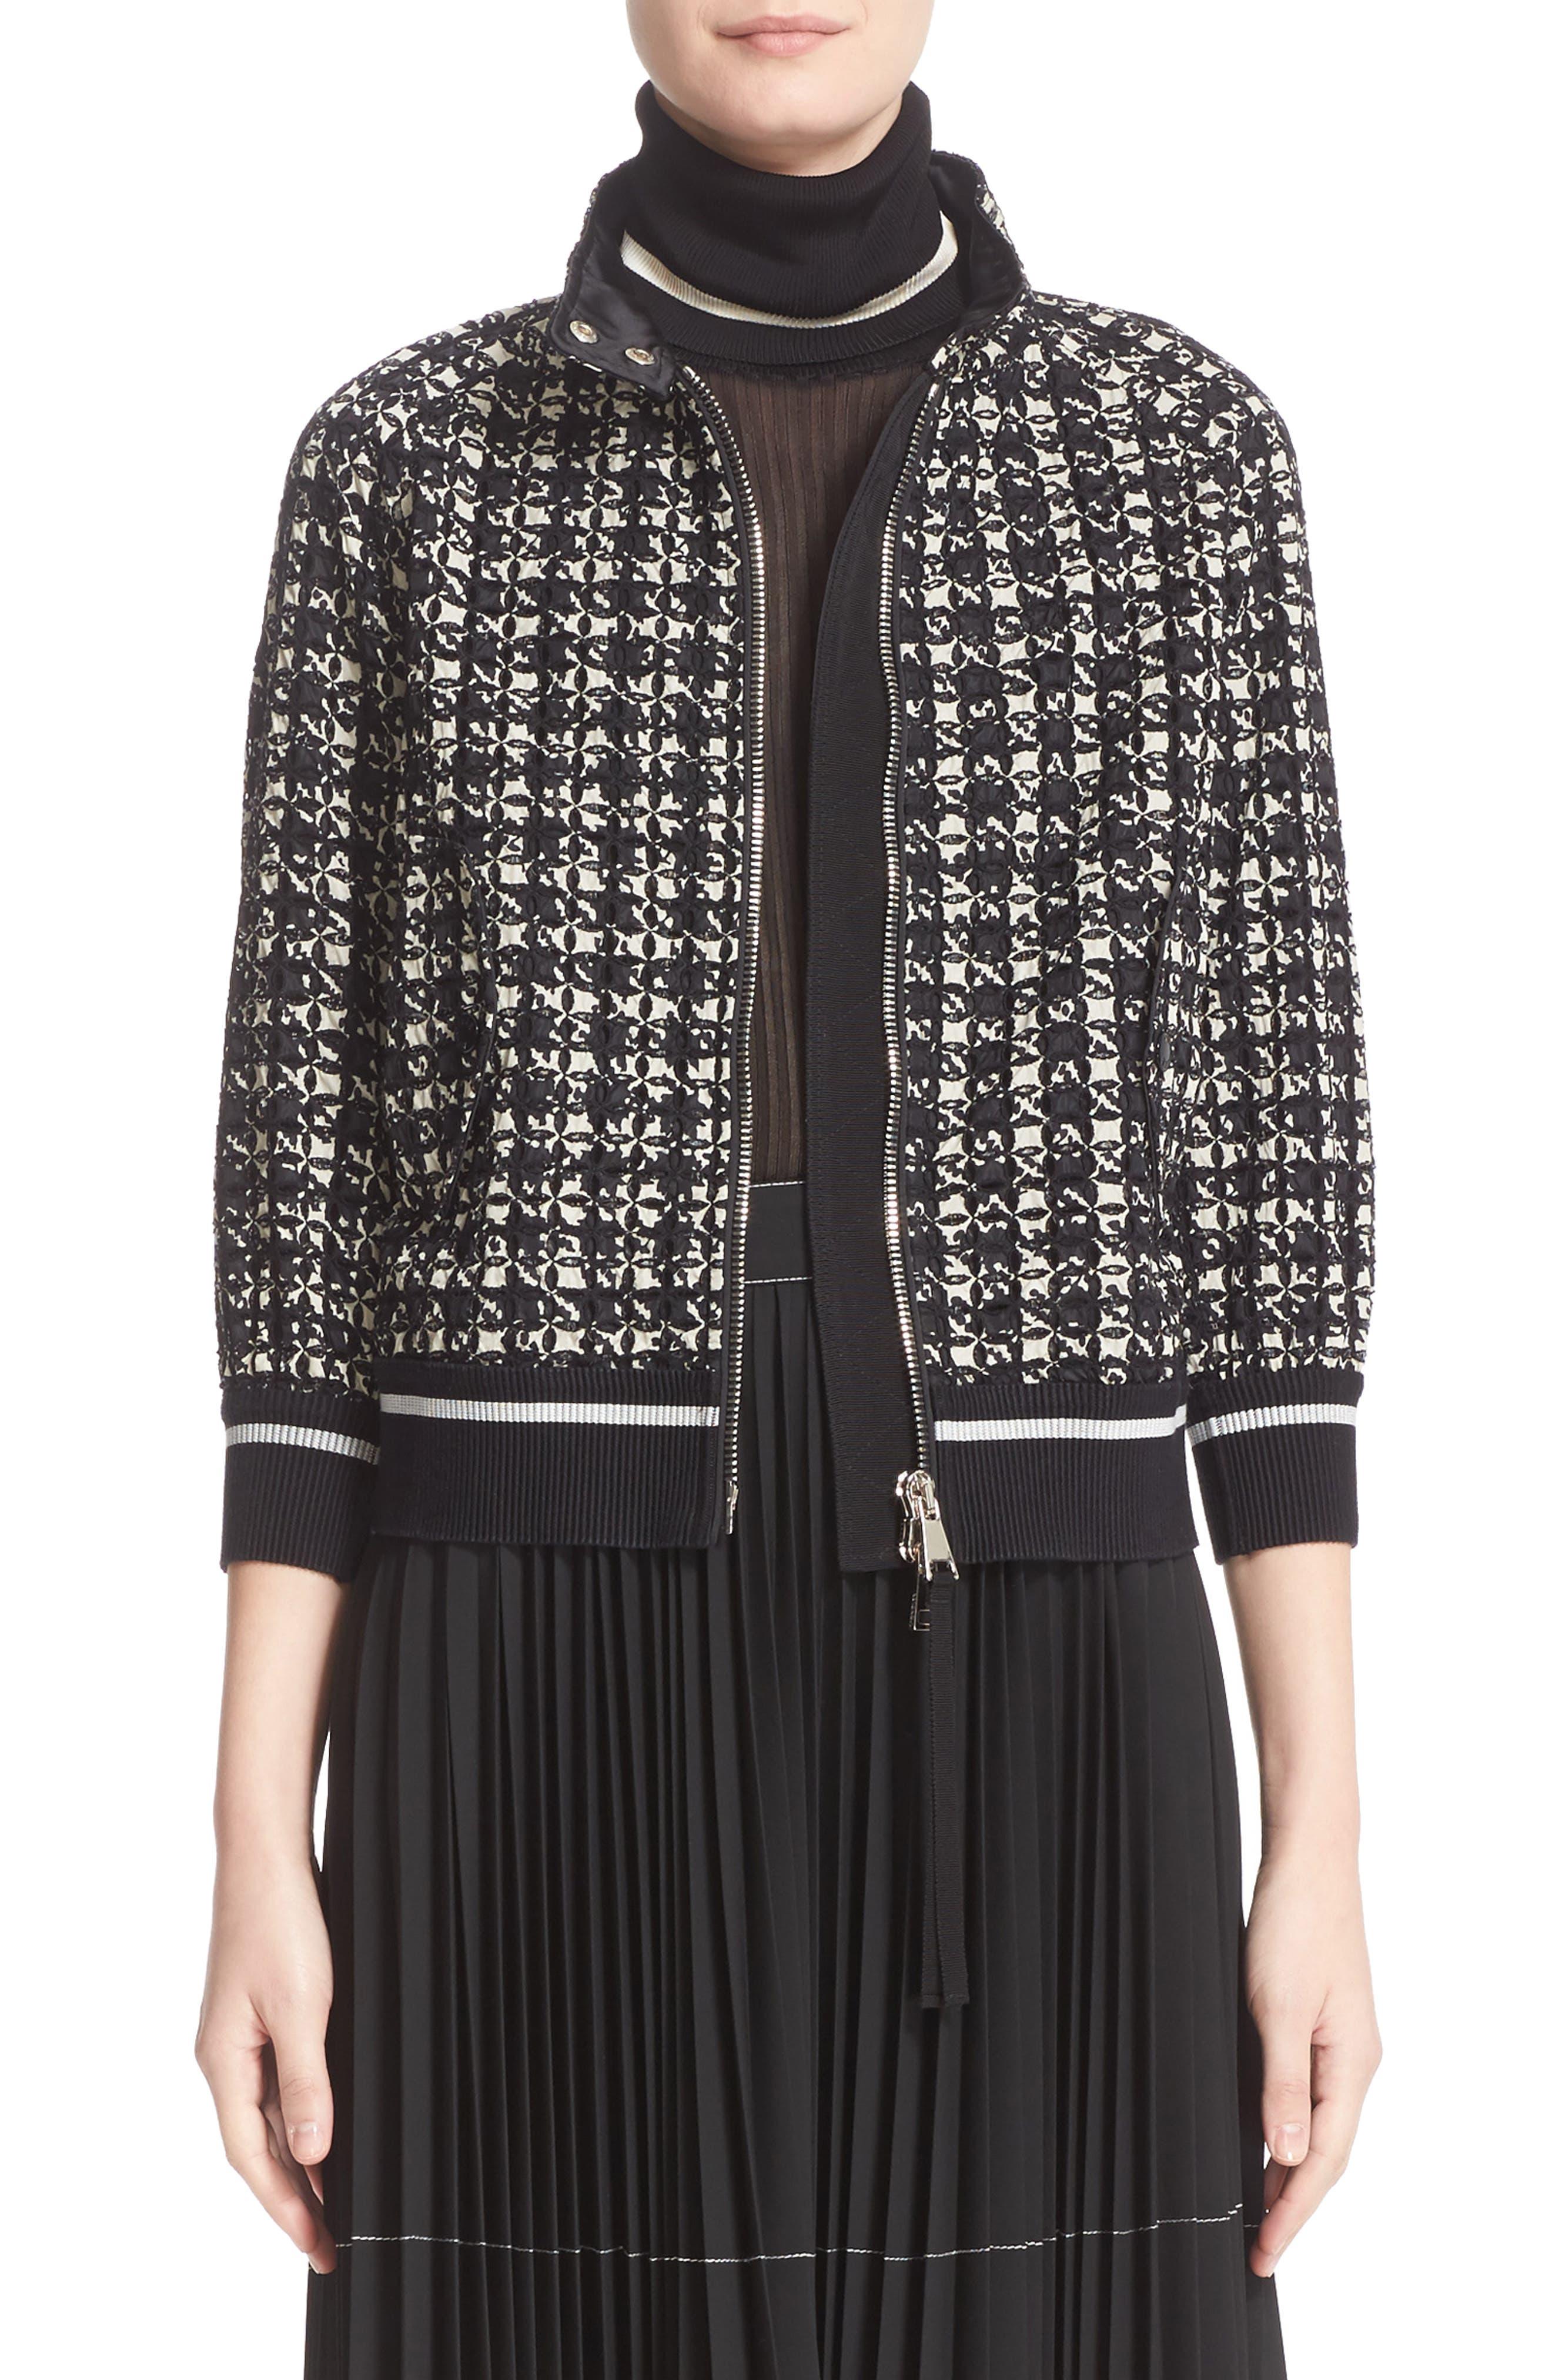 Fiadone Tweed Print Jacket,                         Main,                         color, Black